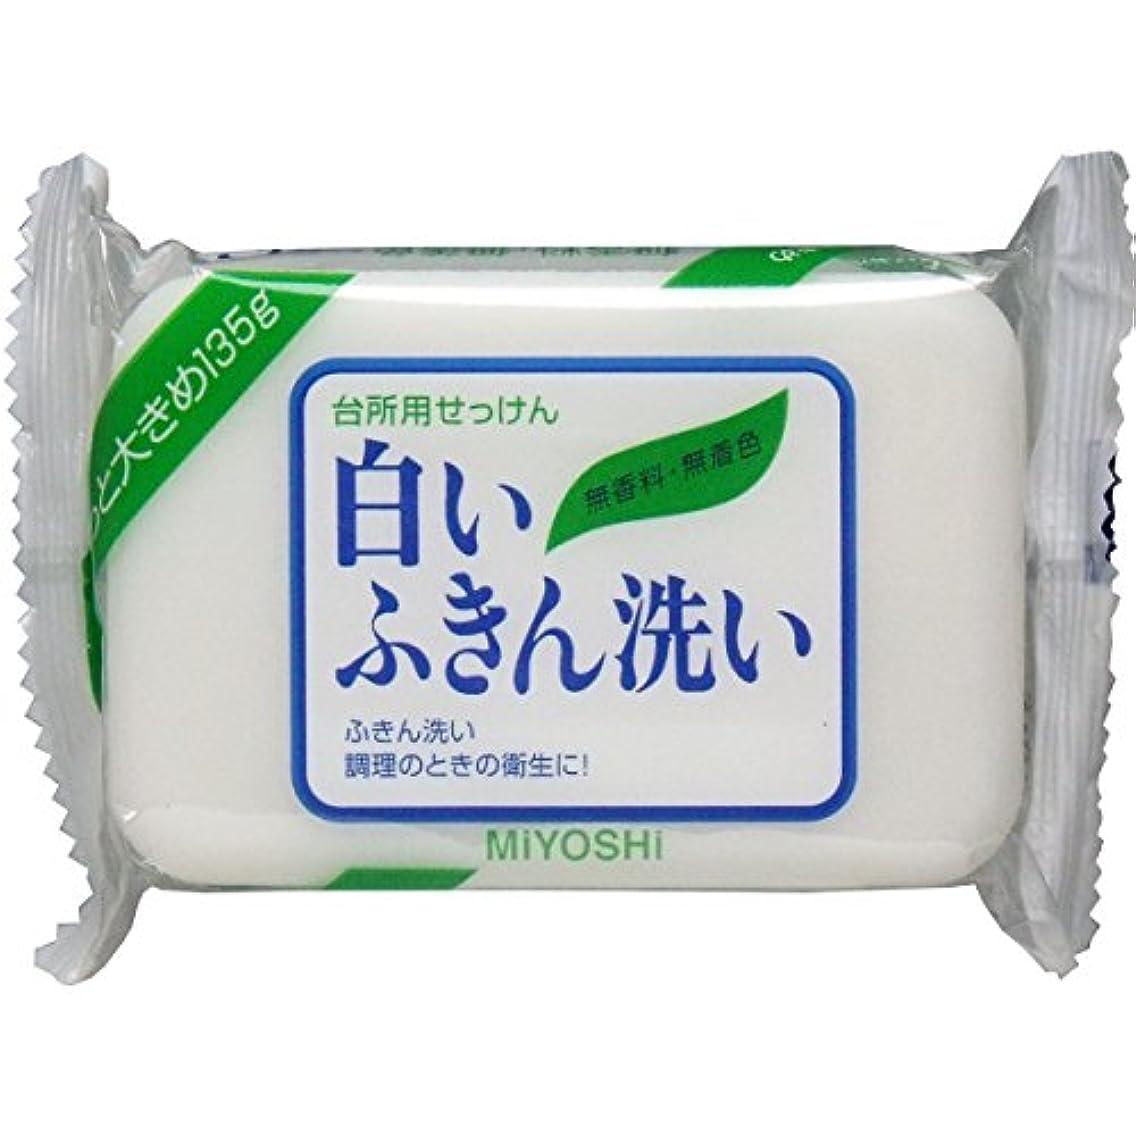 安心させる背骨すぐにミヨシ石鹸 白いふきん洗い